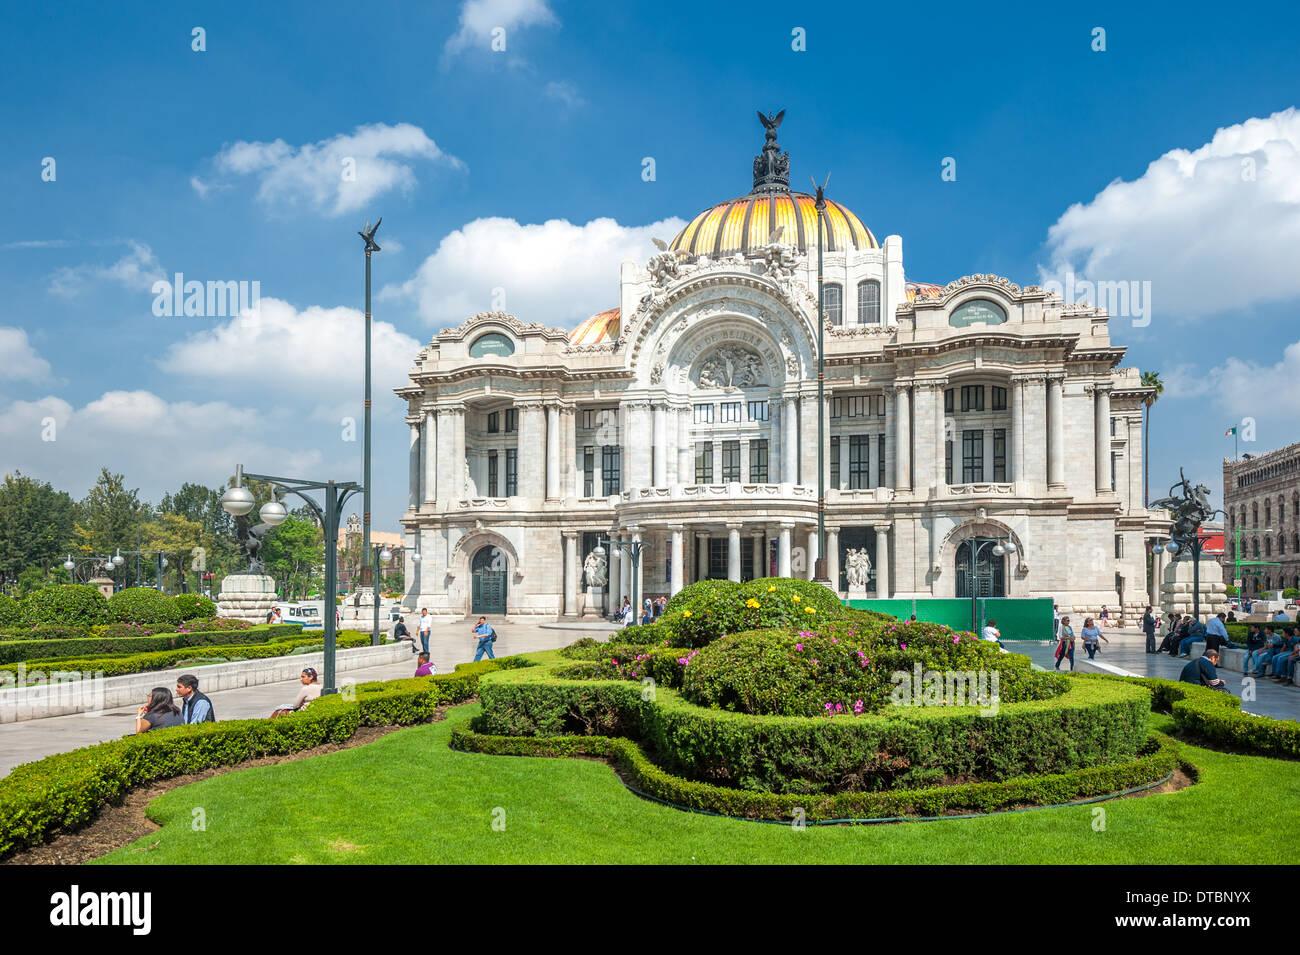 Palacio de Bellas Artes, Mexico city - Stock Image